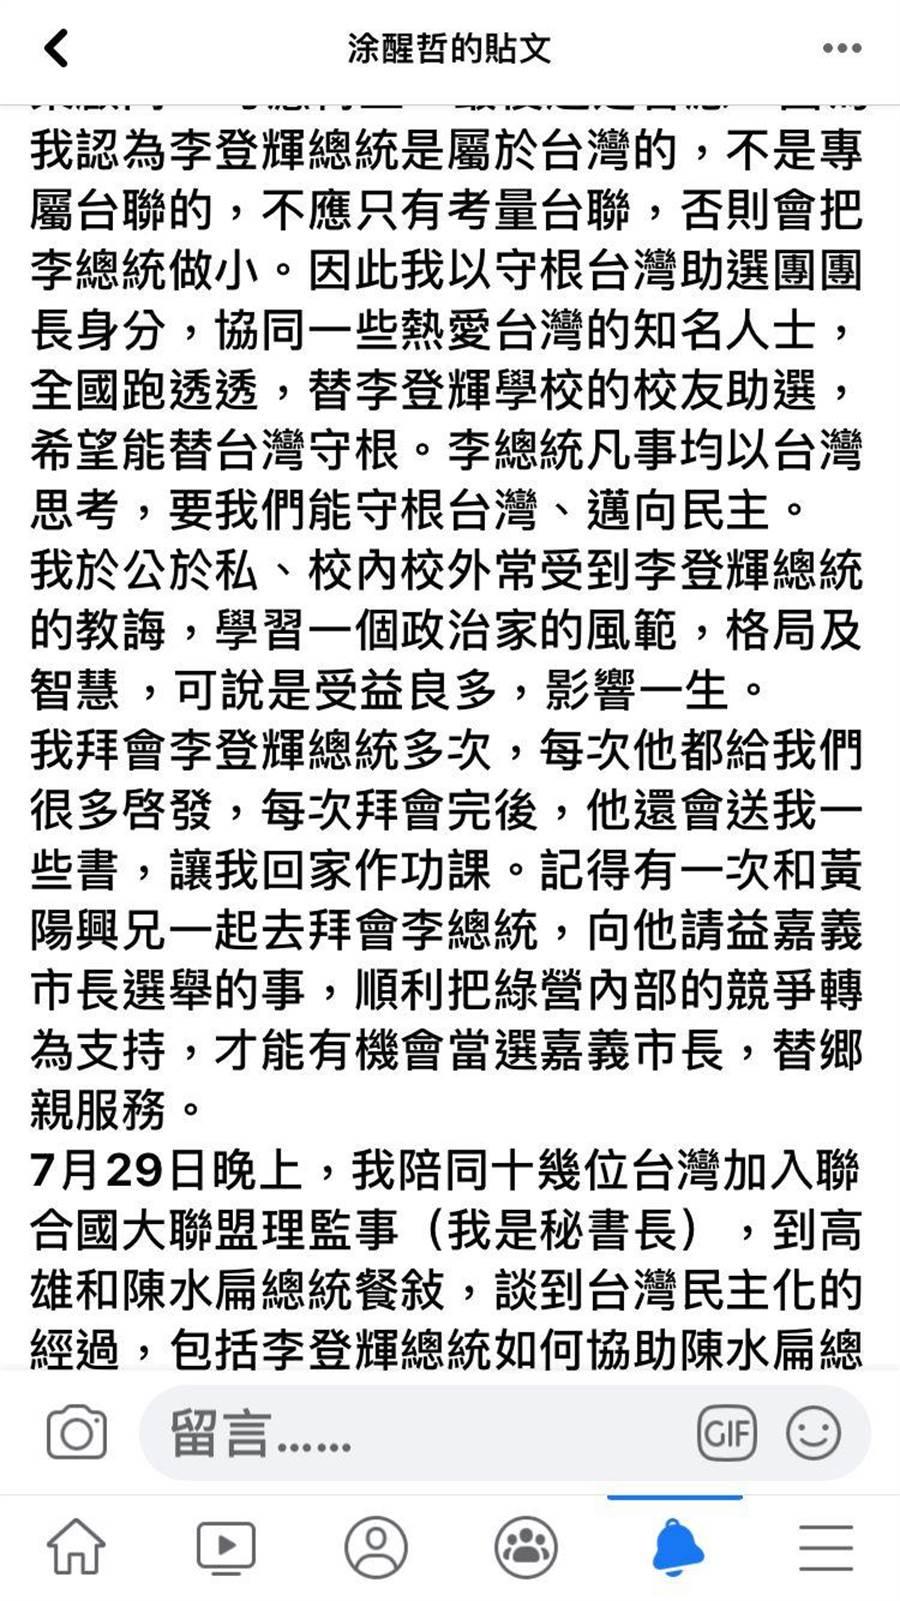 涂醒哲臉書發文憶及向李登輝前總統請益參選嘉義市長。( 截圖自涂醒哲臉書)